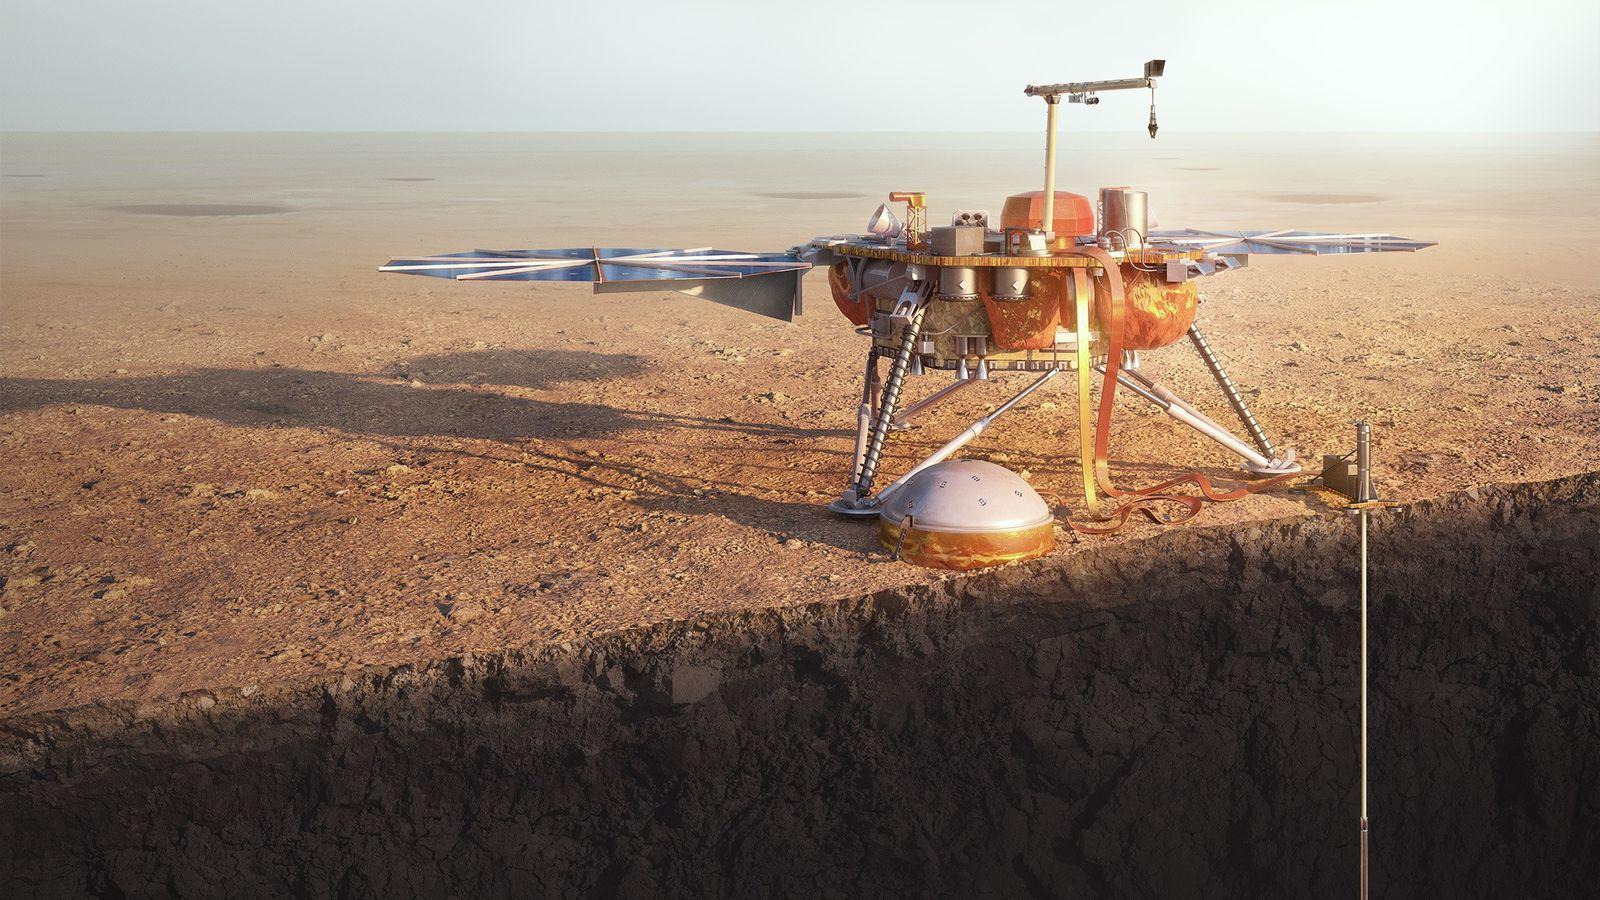 La sonda espacial InSight Mars de la NASA perfora el planeta rojo en una ilustración.